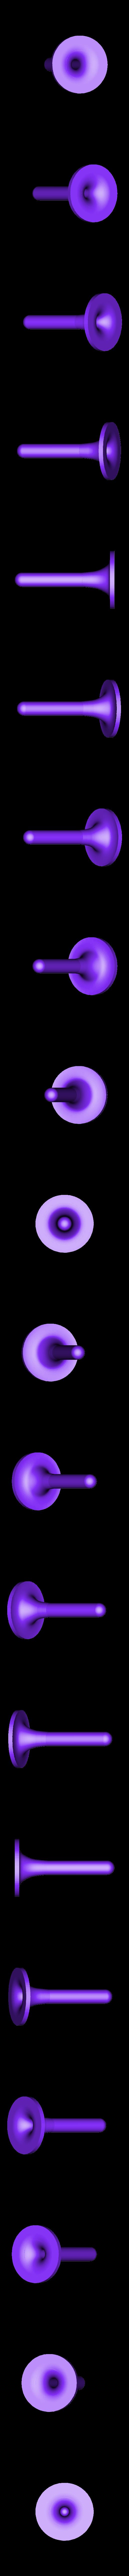 Fountain2_top2.stl Télécharger fichier STL gratuit remix de la fontaine à cloches • Modèle à imprimer en 3D, veganagev